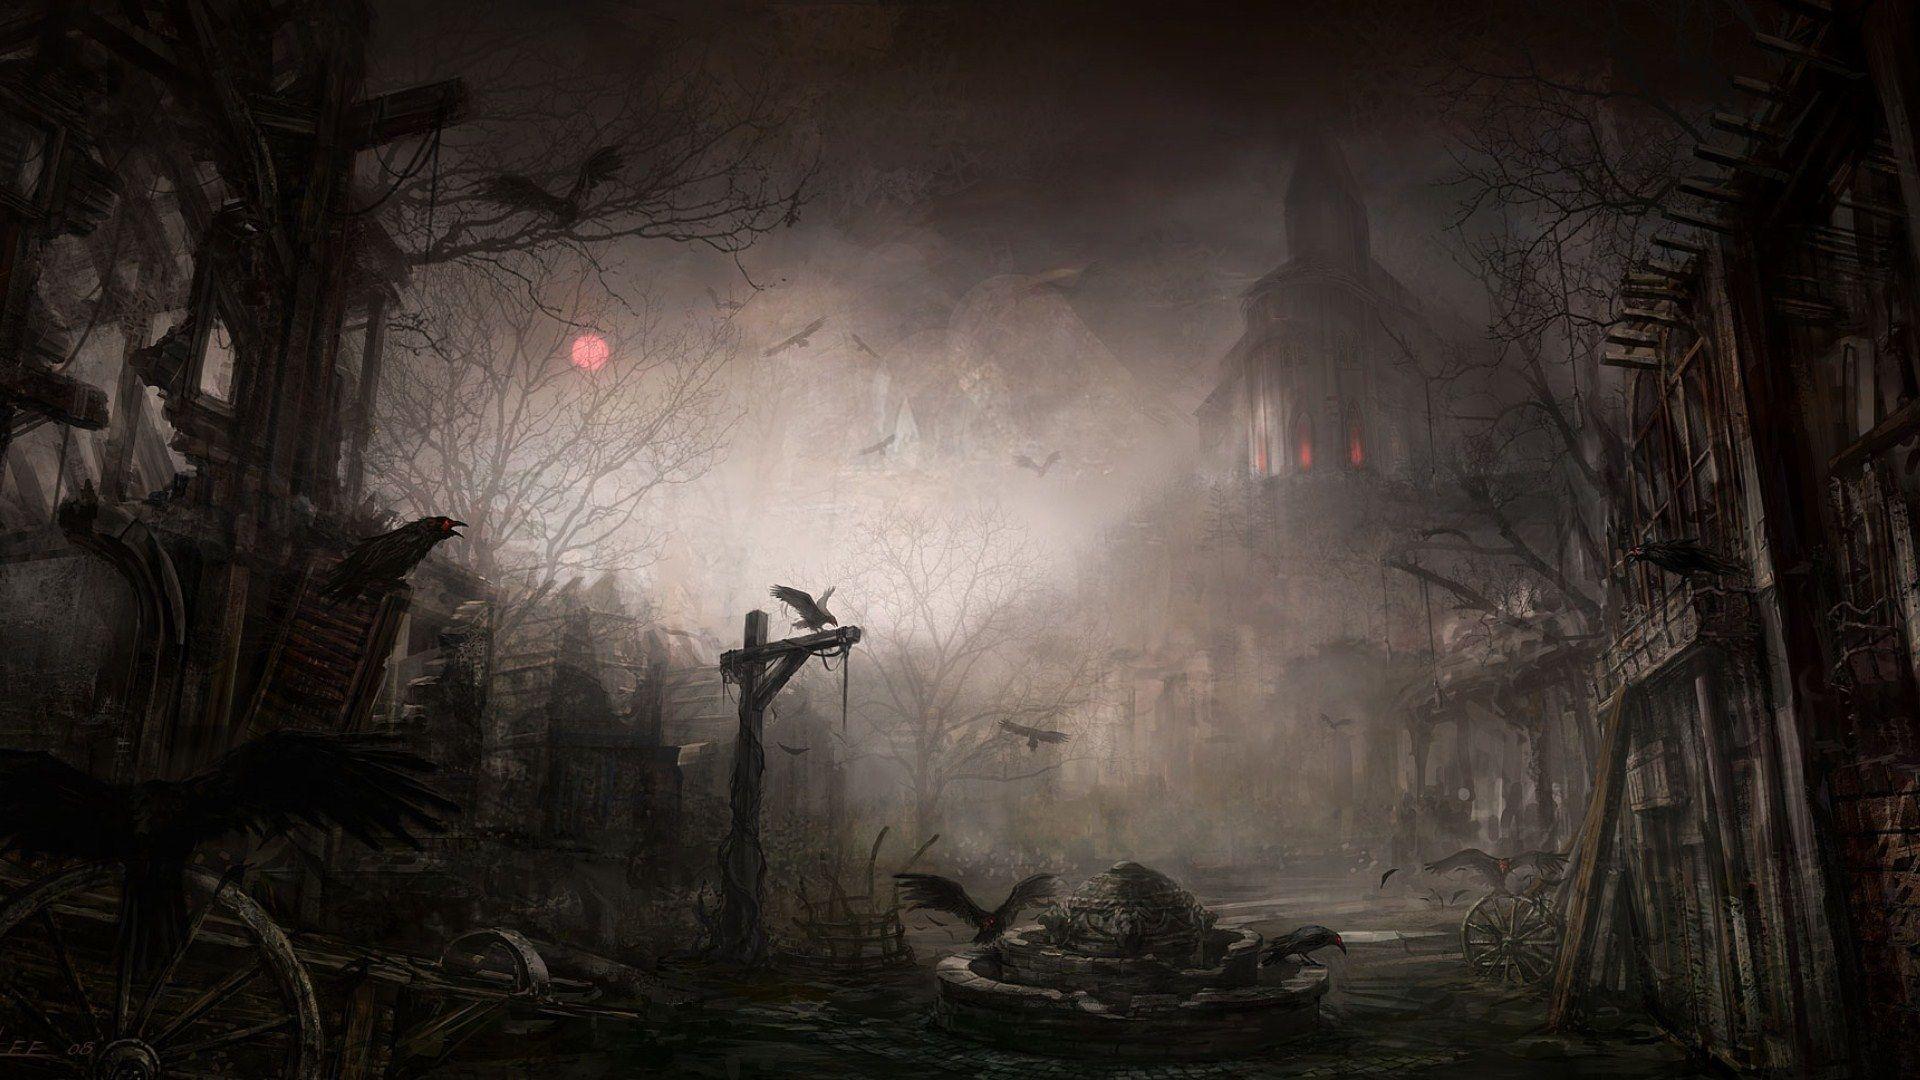 Gloomy Fantasy, Background Gloomy Gothic, Raven Fantasy Horror Pic